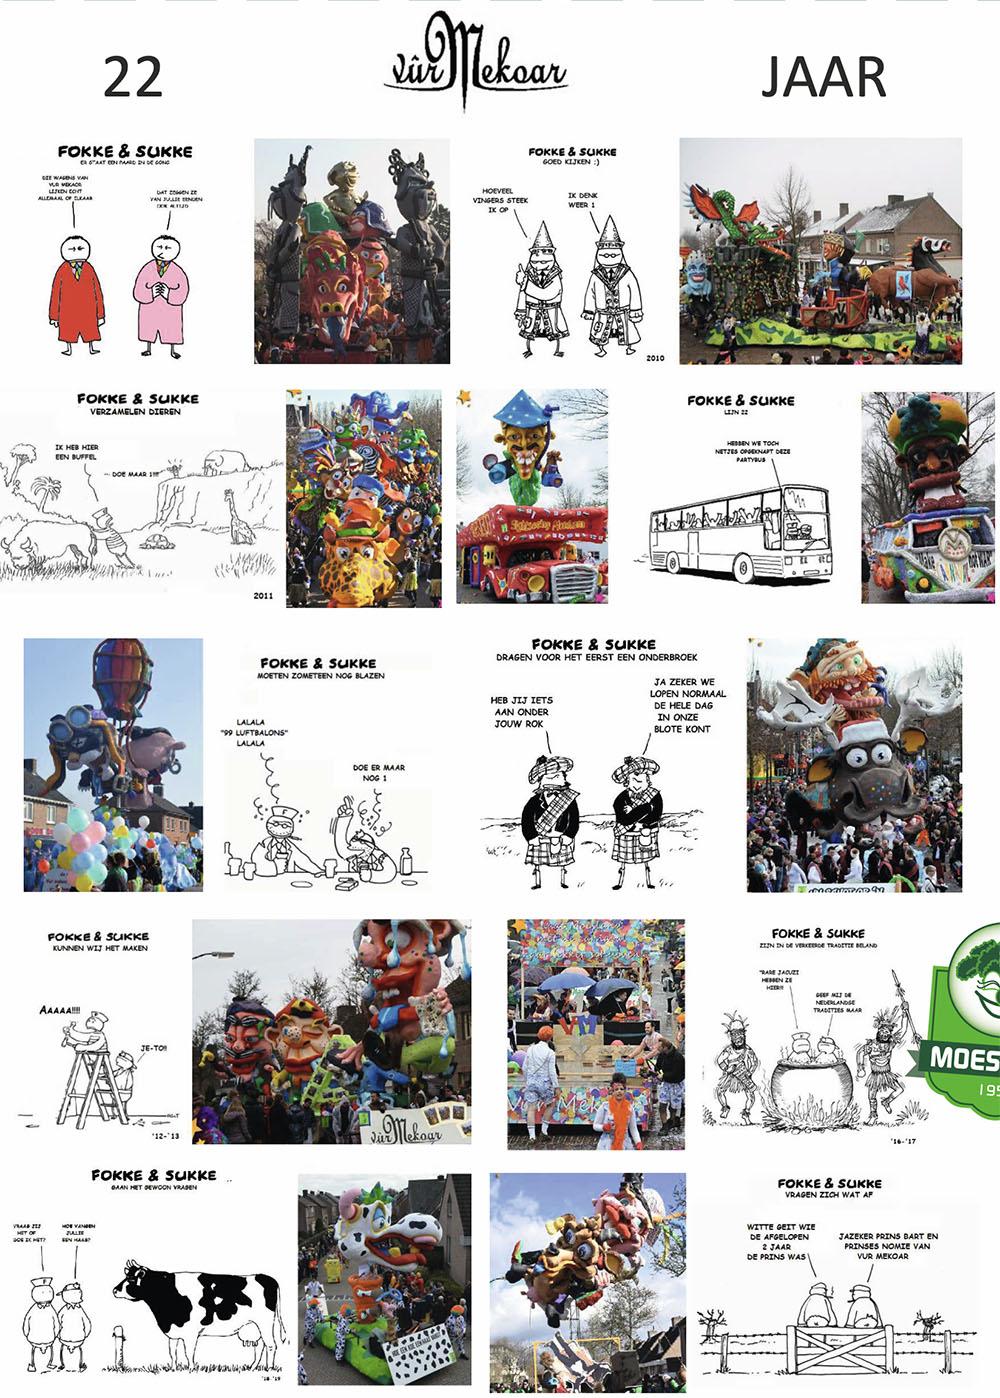 Stukje uit de carnavalskrant van Vur Mekoar - 2020